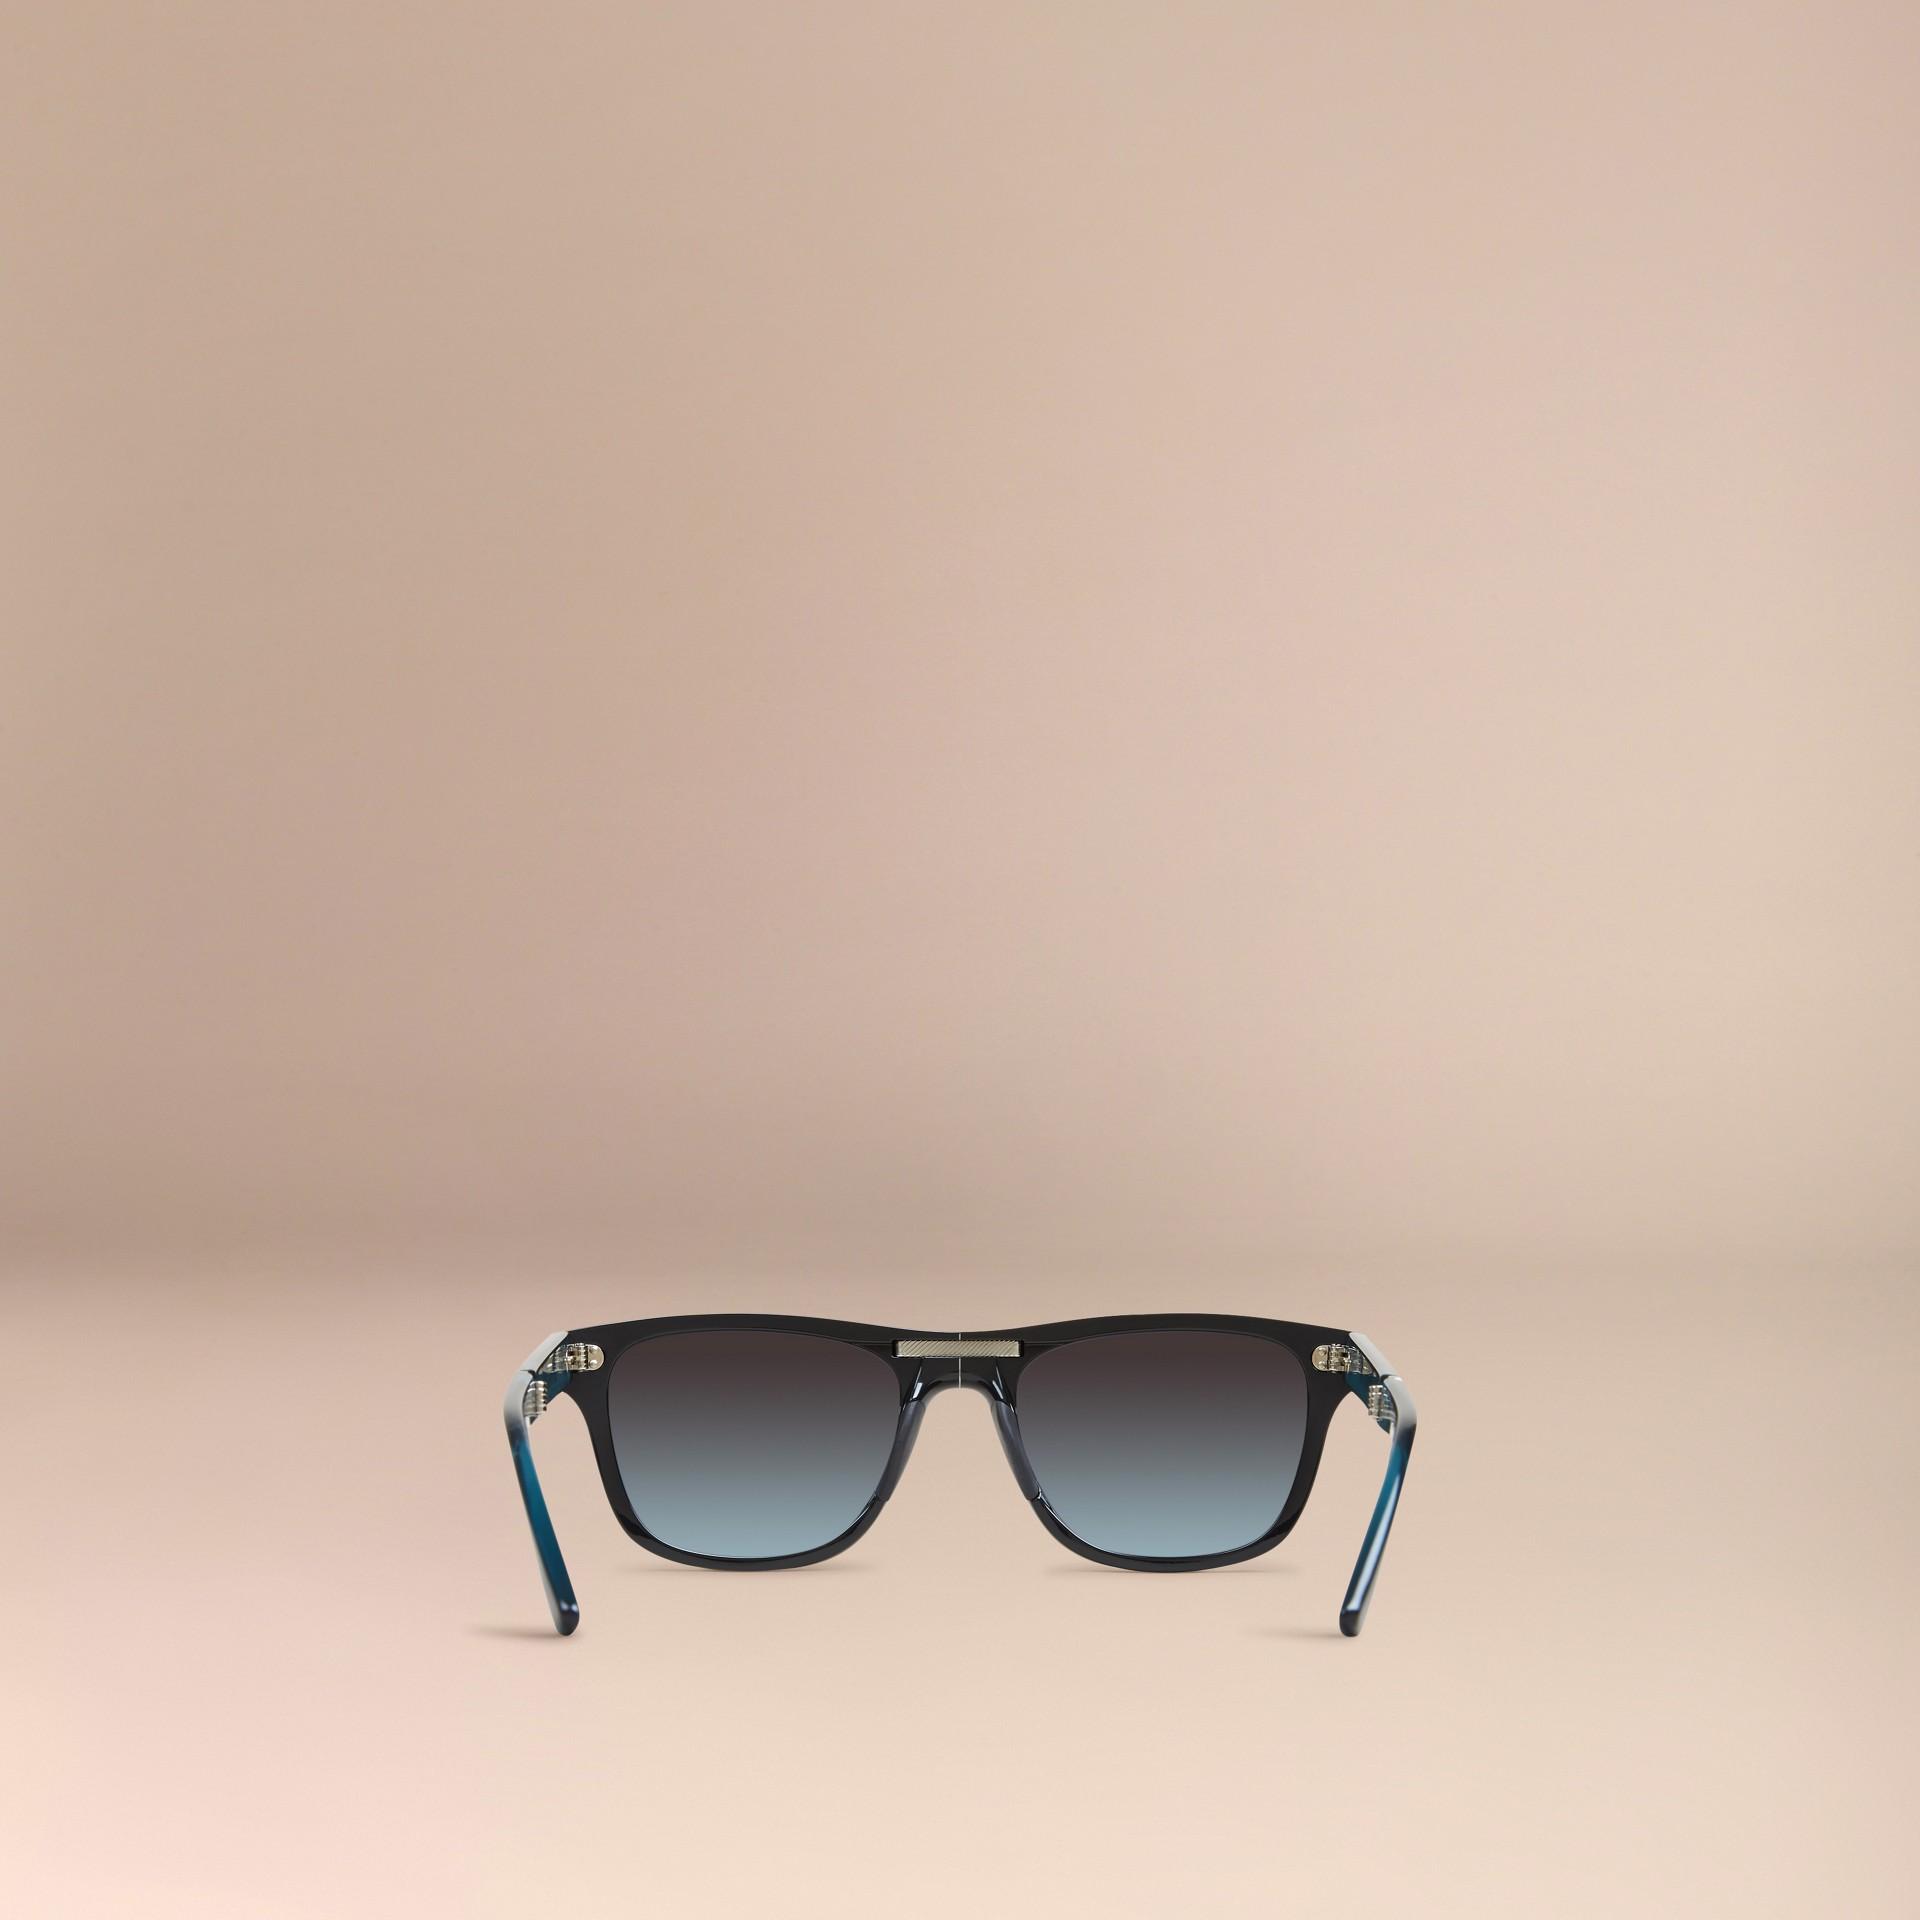 Nero Occhiali da sole con montatura rettangolare pieghevole Nero - immagine della galleria 3